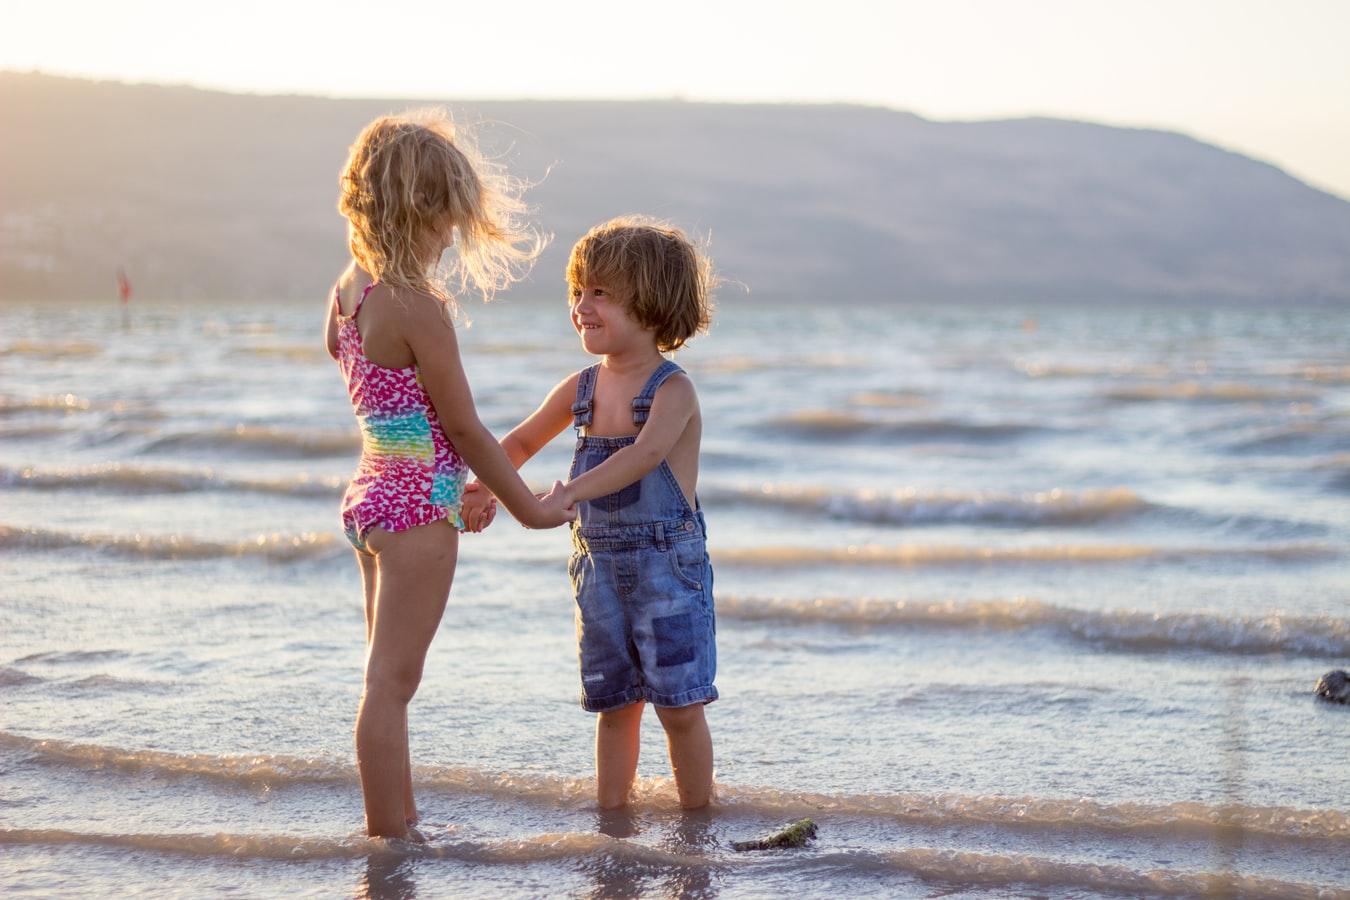 Πώς ο γιος μου μεγαλώνοντας θα σέβεται τις γυναίκες;